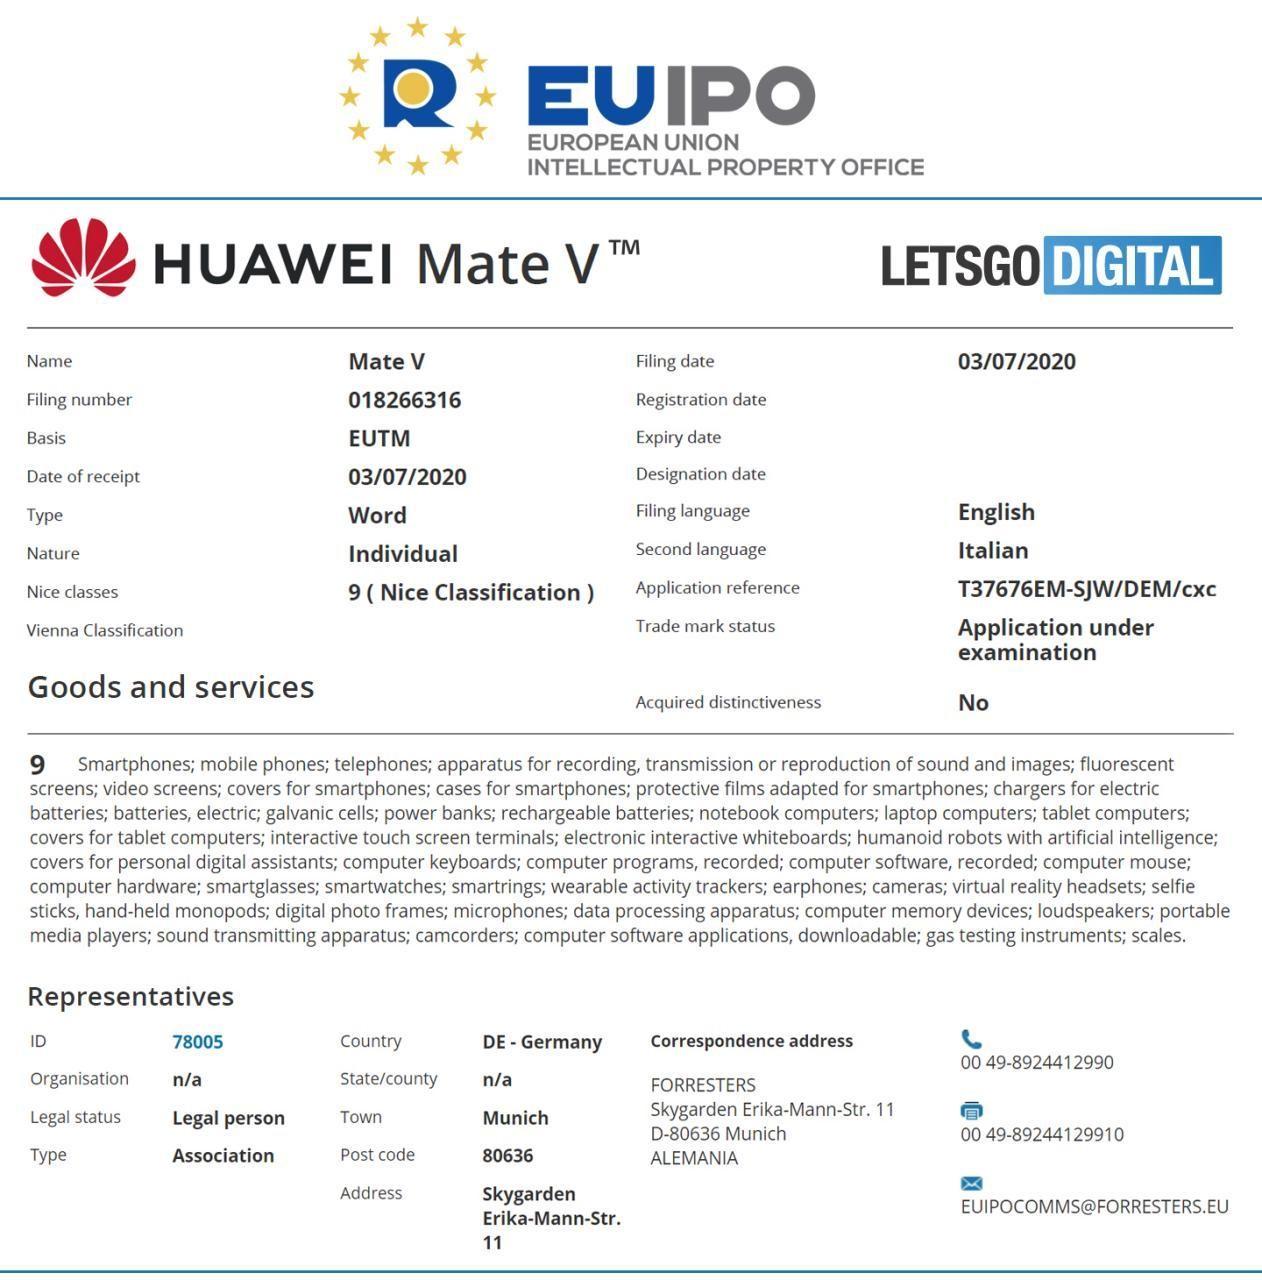 هوآوی یک نام تجاری جدید به نام «Mate V» در اداره ثبت مالکیت حقوق معنوی اتحادیه اروپا (EUIPO) ثبت کرده و ثبت این درخواست در تاریخ سوم ژوییه ۲۰۲۰ و در حوزه مربوط به گوشیهای هوشمند انجام شده است.